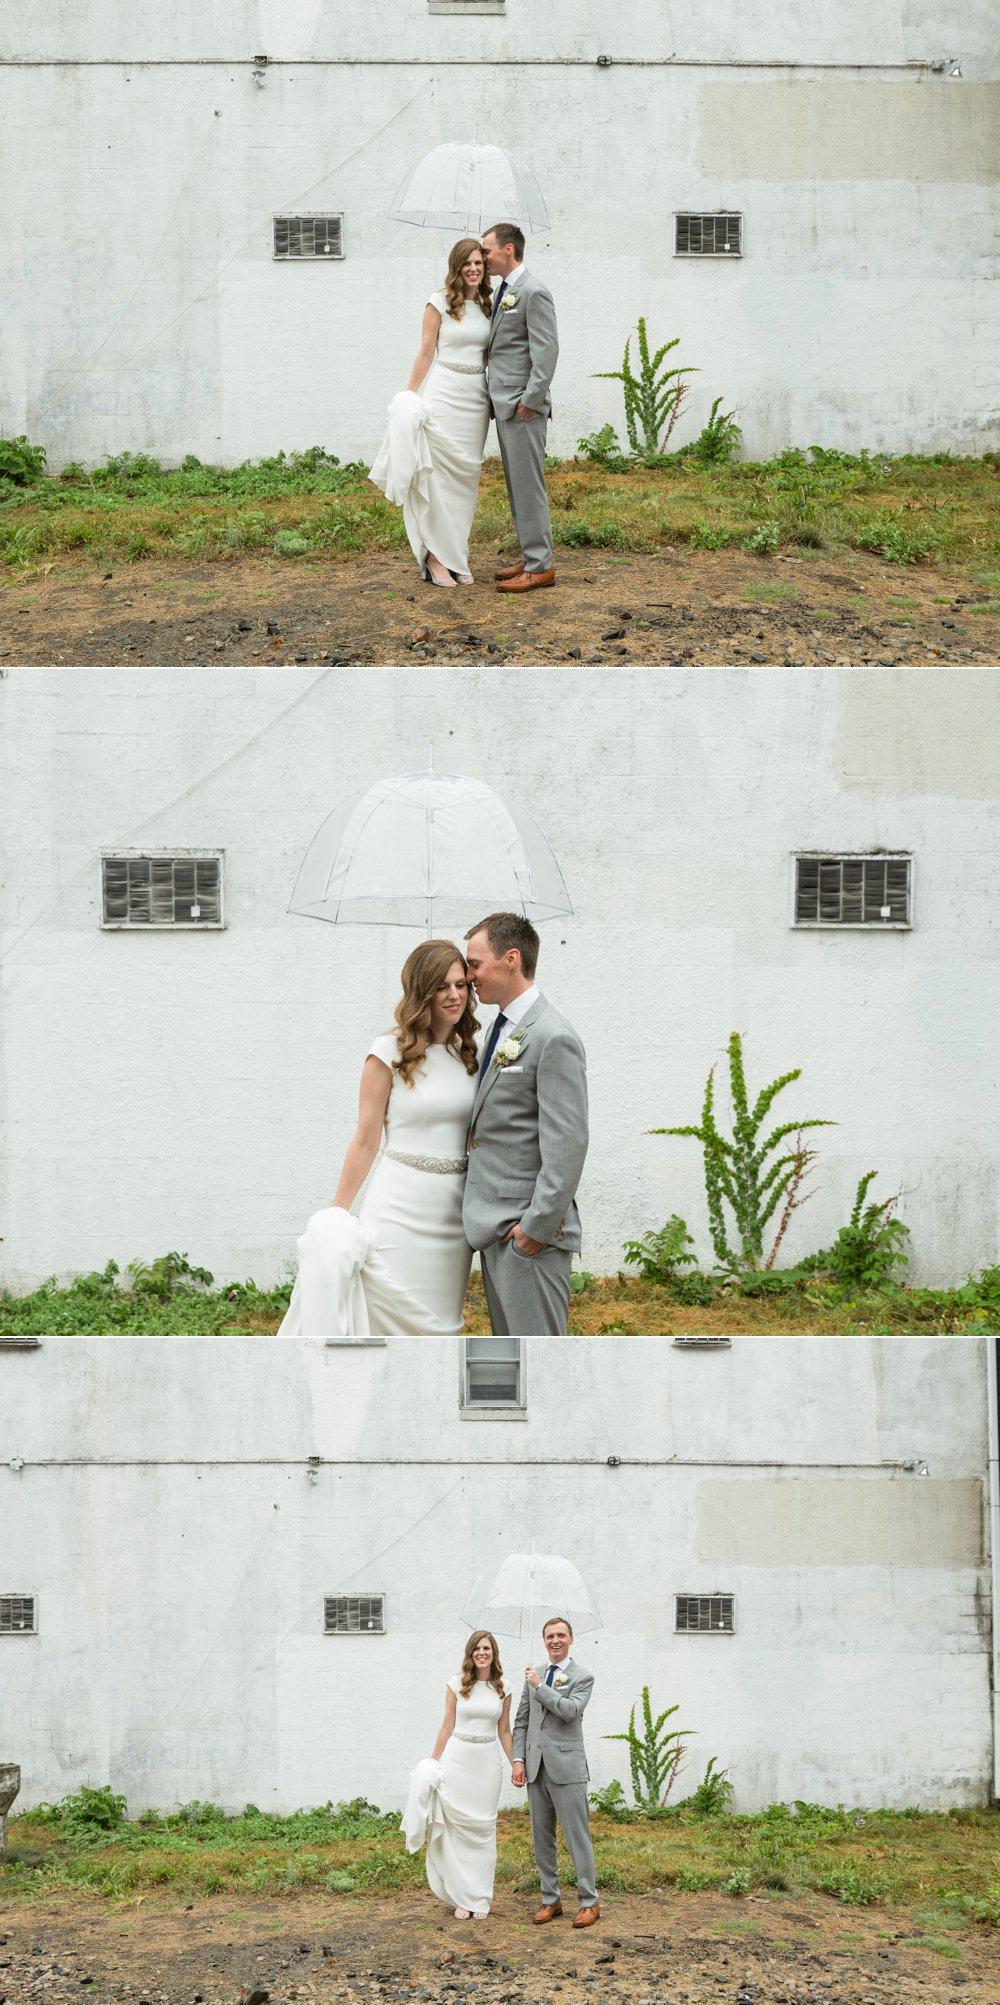 SomerbyJonesPhotography_LoyalNineWedding_LoyalNineRestaurant_LoyalNine_Wedding_0040.jpg